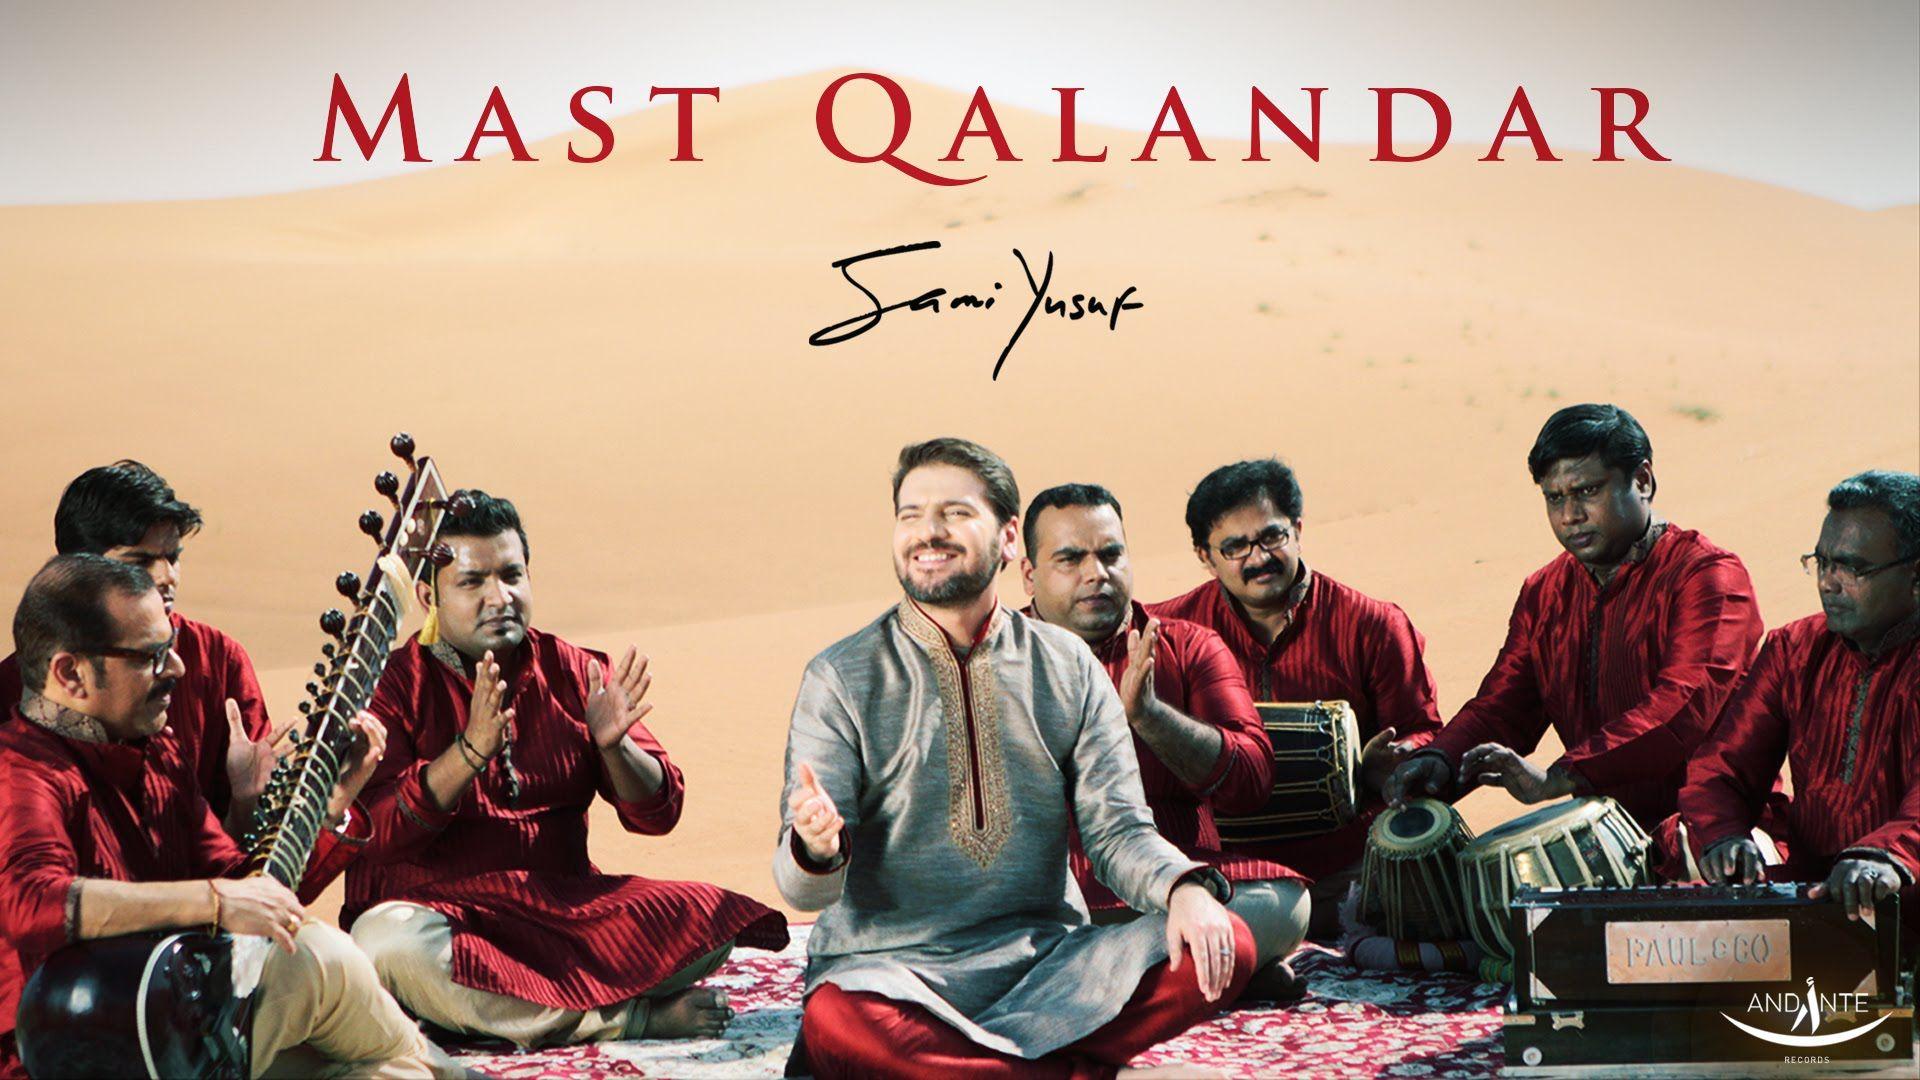 Sami Yusuf Mast Qalandar Islamic Music Sami International Music